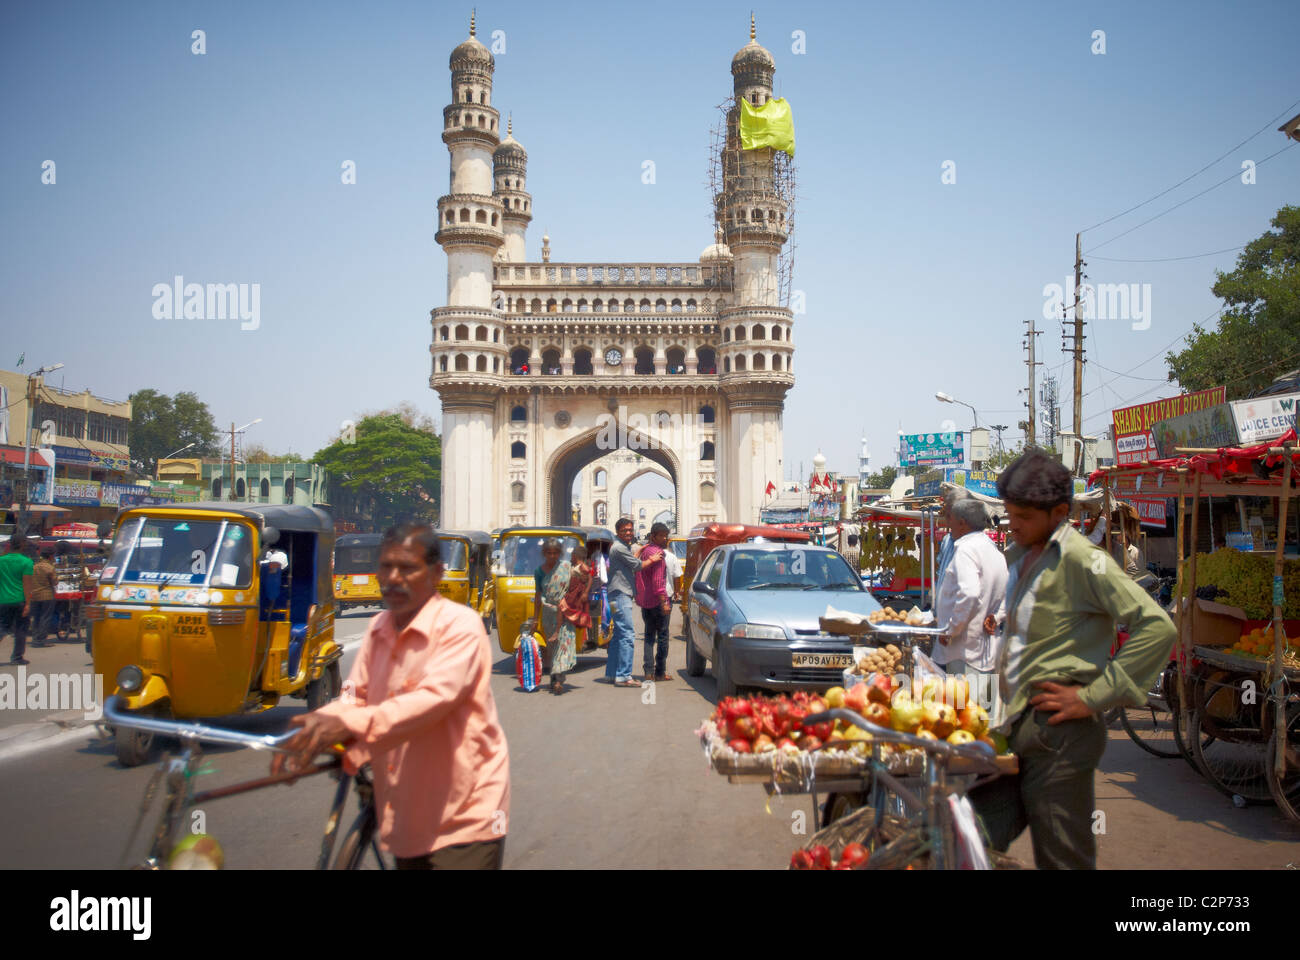 India, Hyderabad, lo sviluppo, la crescita, business, colore, colori, vibrante, street, nuovi e vecchi, Holi, finanza, Immagini Stock